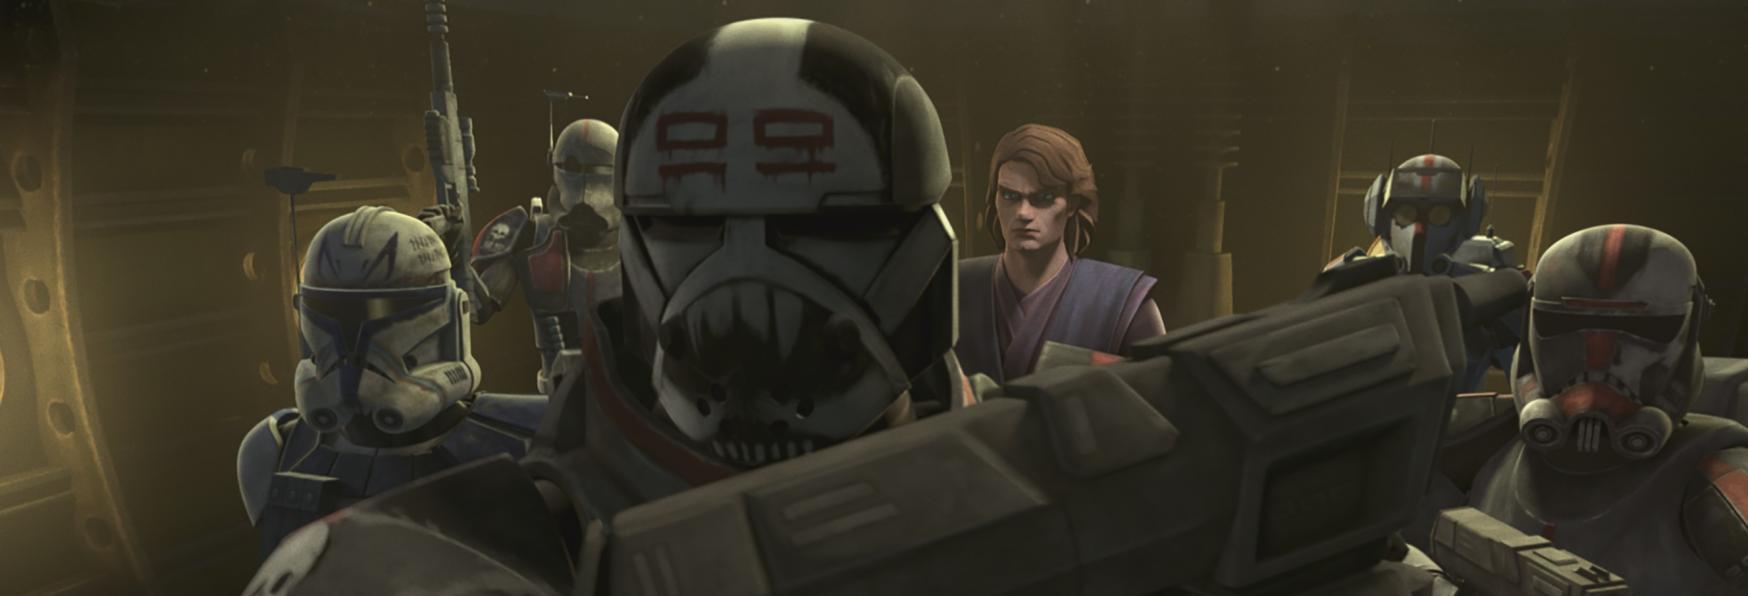 Star Wars: The Bad Batch - Il nuovo Teaser della Serie TV in arrivo su Disney+